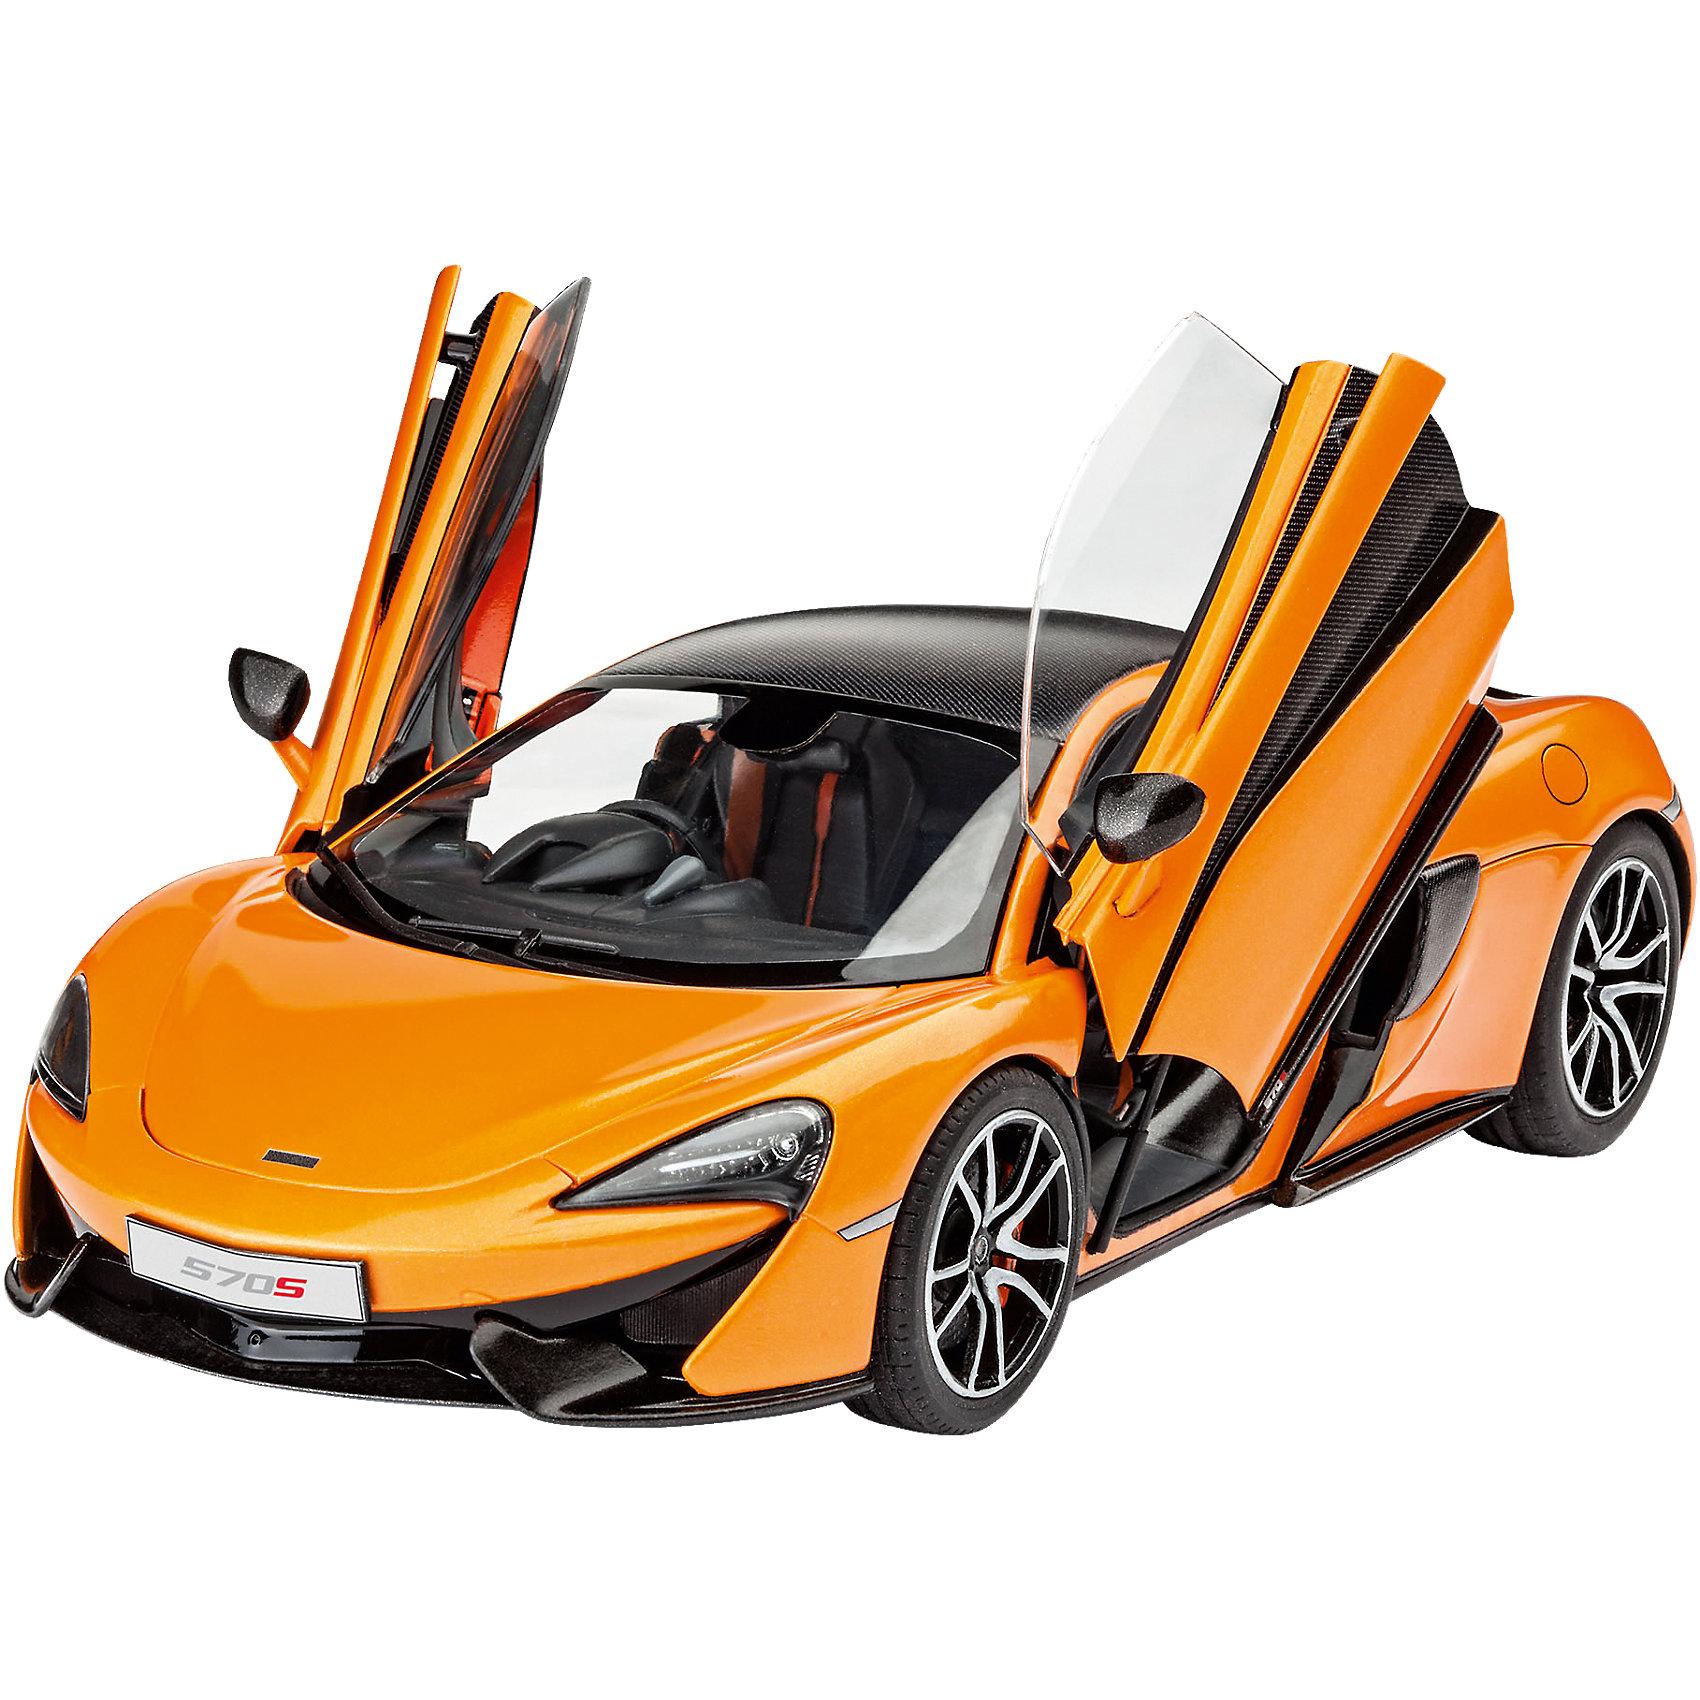 Спорткар McLaren 570SМодели для склеивания<br>Сборная модель автомобиля McLaren 570S 07051. Спорткар от именитого автопроизводителя впервые в пластике. Модель в масштабе 1 к 24. Машину необходимо склеить и затем покрасить. Клей и краски приобретаются отдельно.  <br><br>Вы можете собрать праворульную или леворульную версии машины. Также присутствует возможность собрать двери в отрытом или закрытом состояниях. Капот, к сожалению, открыть нельзя.  <br><br>Длина модели после полной сборки составит 19 см. Всего в комплекте 106 деталей. В наборе есть декали с российскими номерными знаками и номерами стран ЕС. <br><br>Рекомендуется для взрослых и детей в возрасте от 10 лет.<br><br>Ширина мм: 359<br>Глубина мм: 213<br>Высота мм: 73<br>Вес г: 408<br>Возраст от месяцев: 120<br>Возраст до месяцев: 180<br>Пол: Мужской<br>Возраст: Детский<br>SKU: 4649135